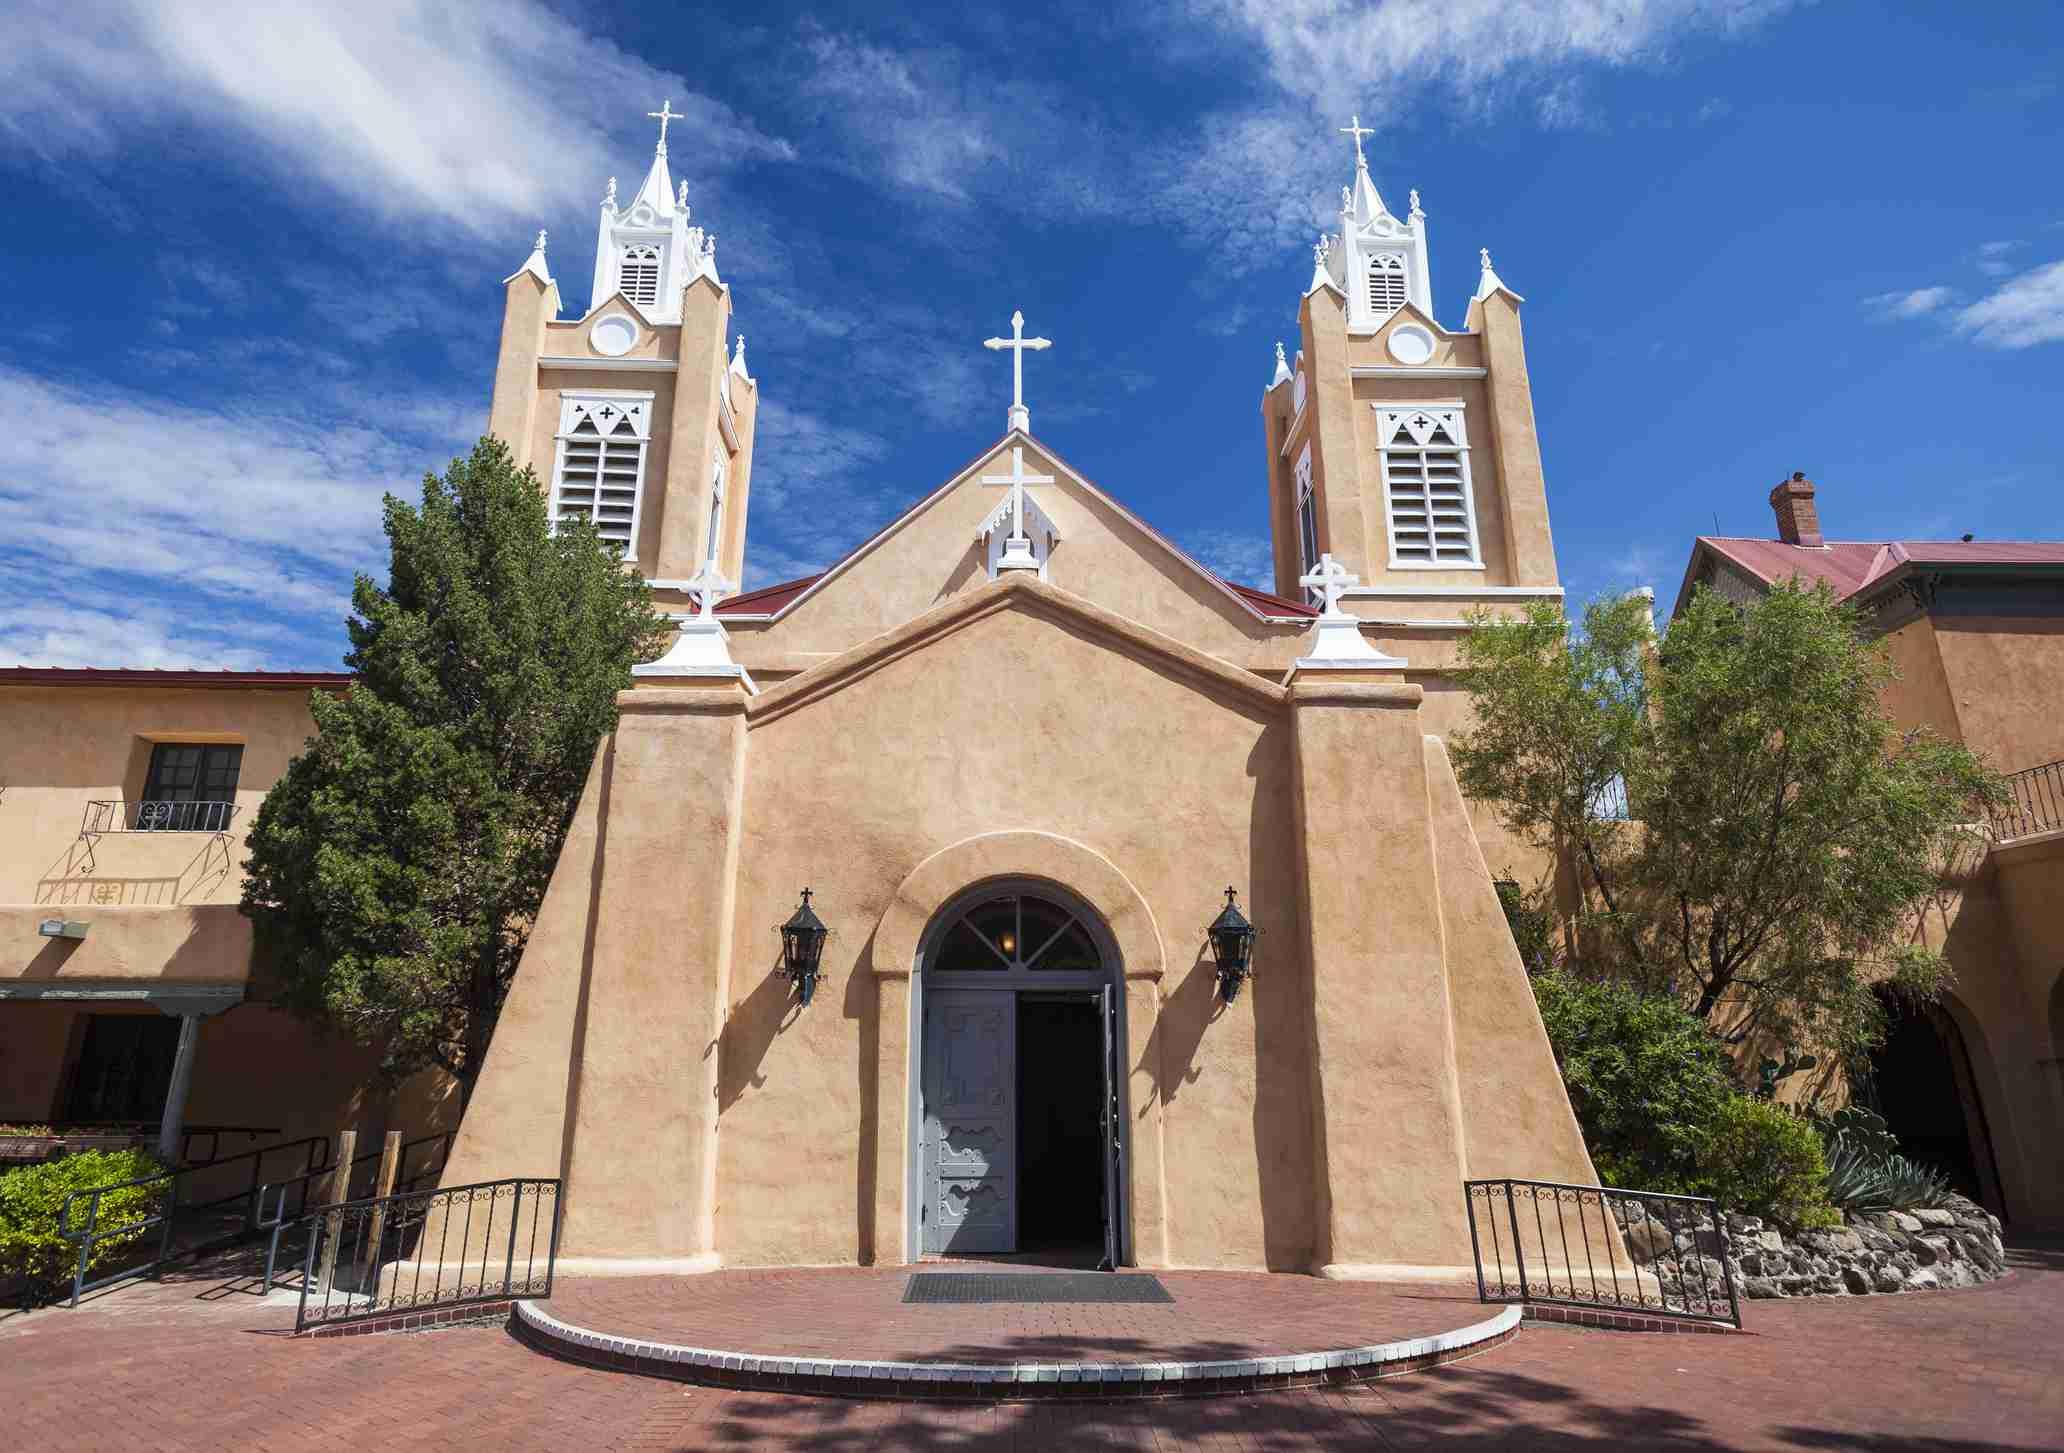 Iglesia de San Felipe De Neri en Albuquerque, Nuevo México